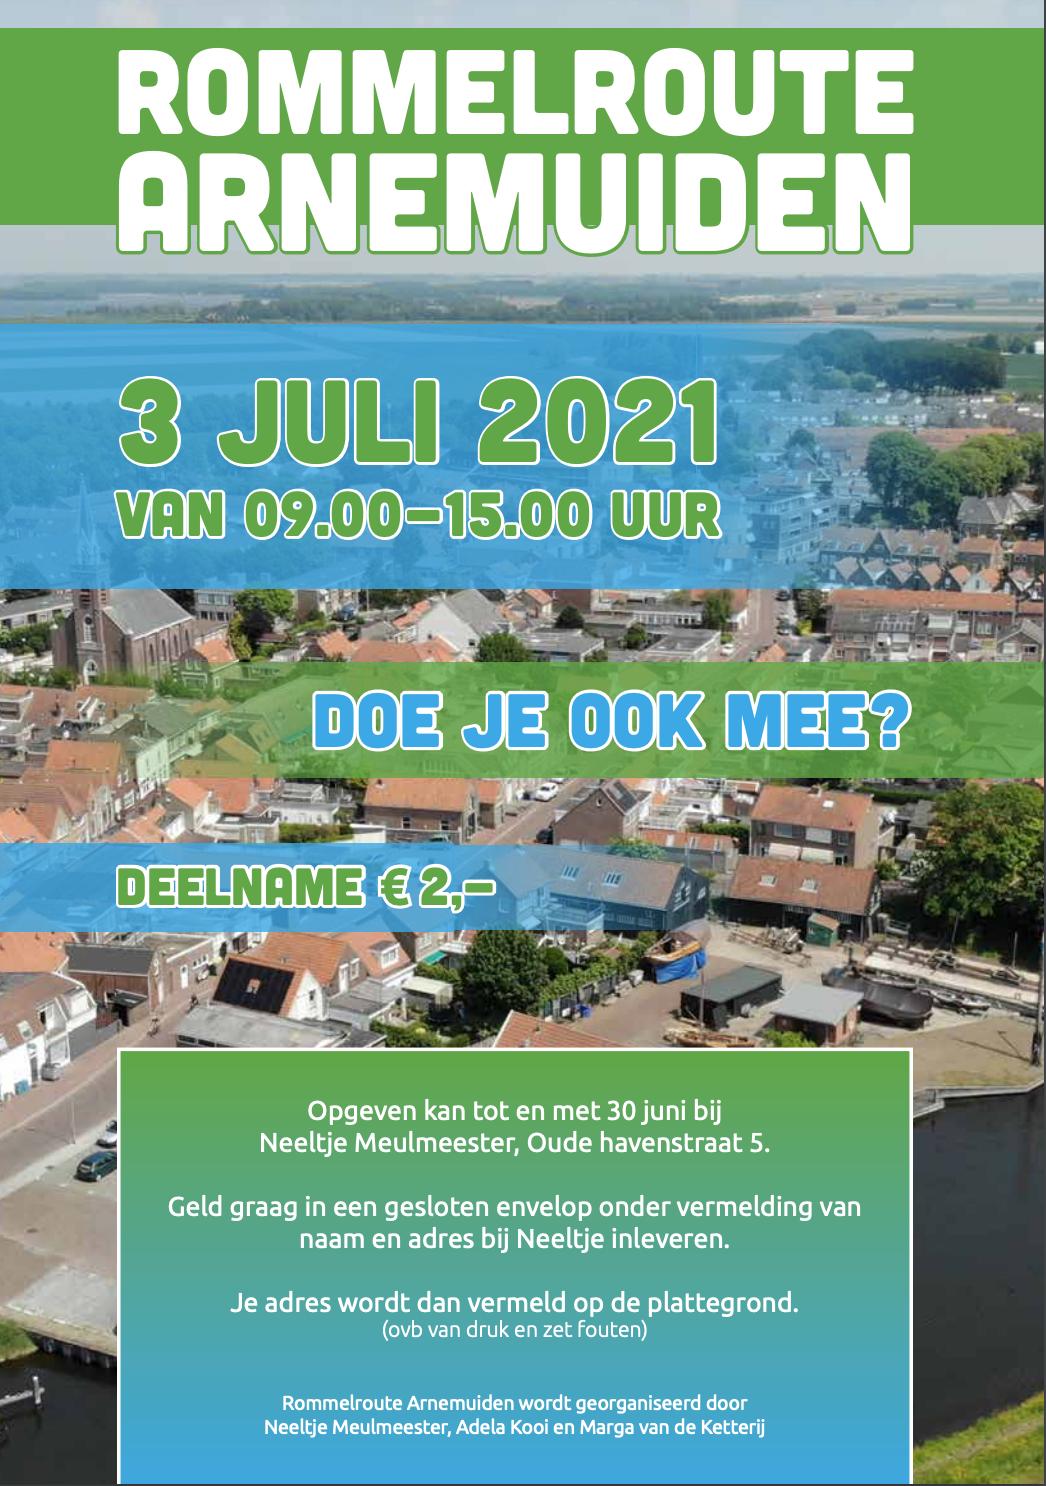 Evenementen-rommelroute-arnemuiden-3-juli-2021-rommermarkt-route-opgeven-Walcheren-Zeeland